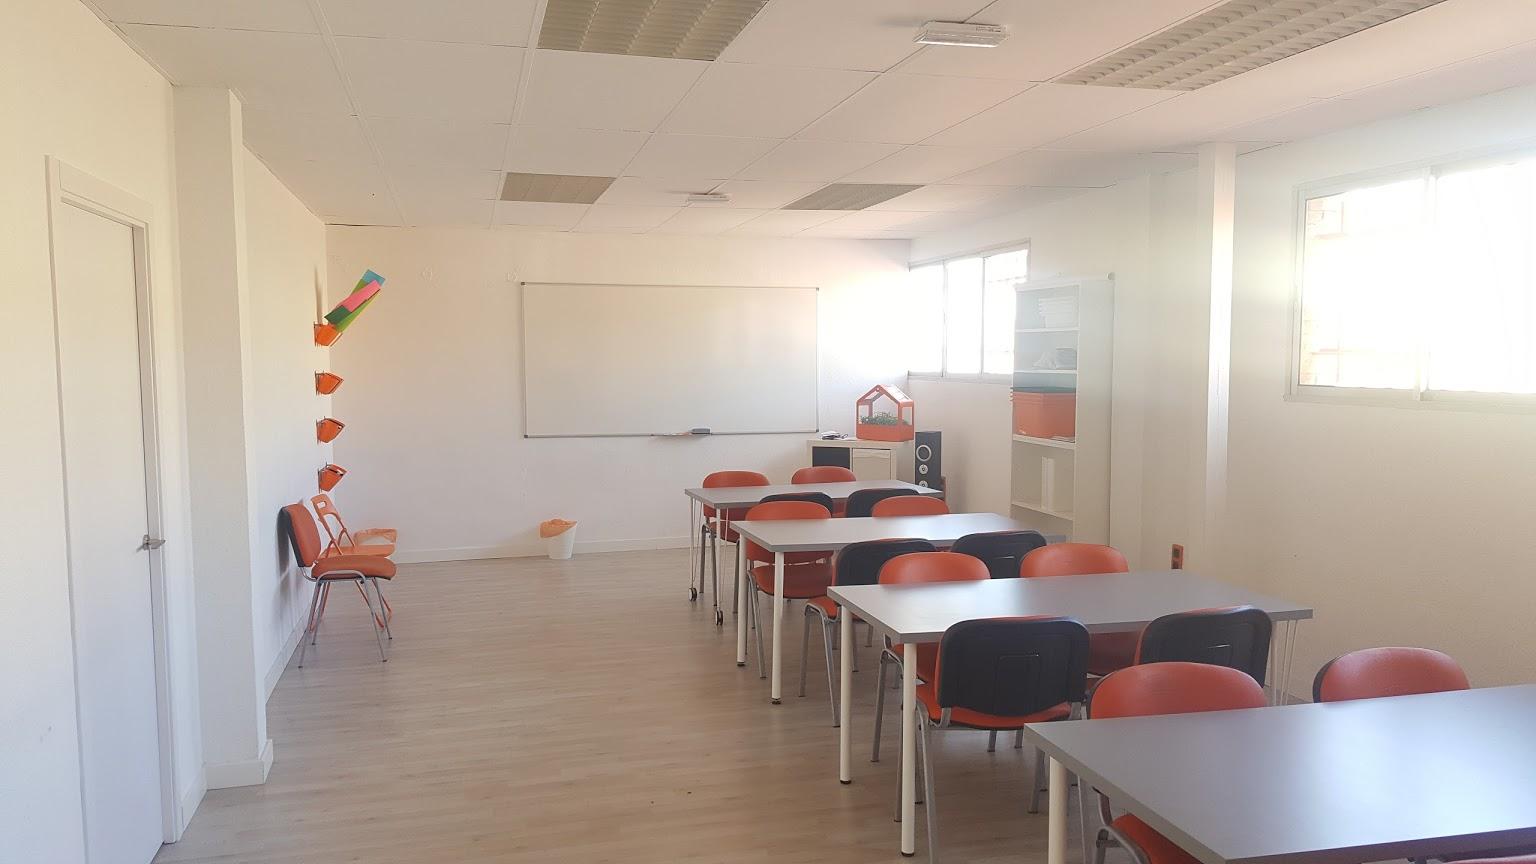 aula escuela